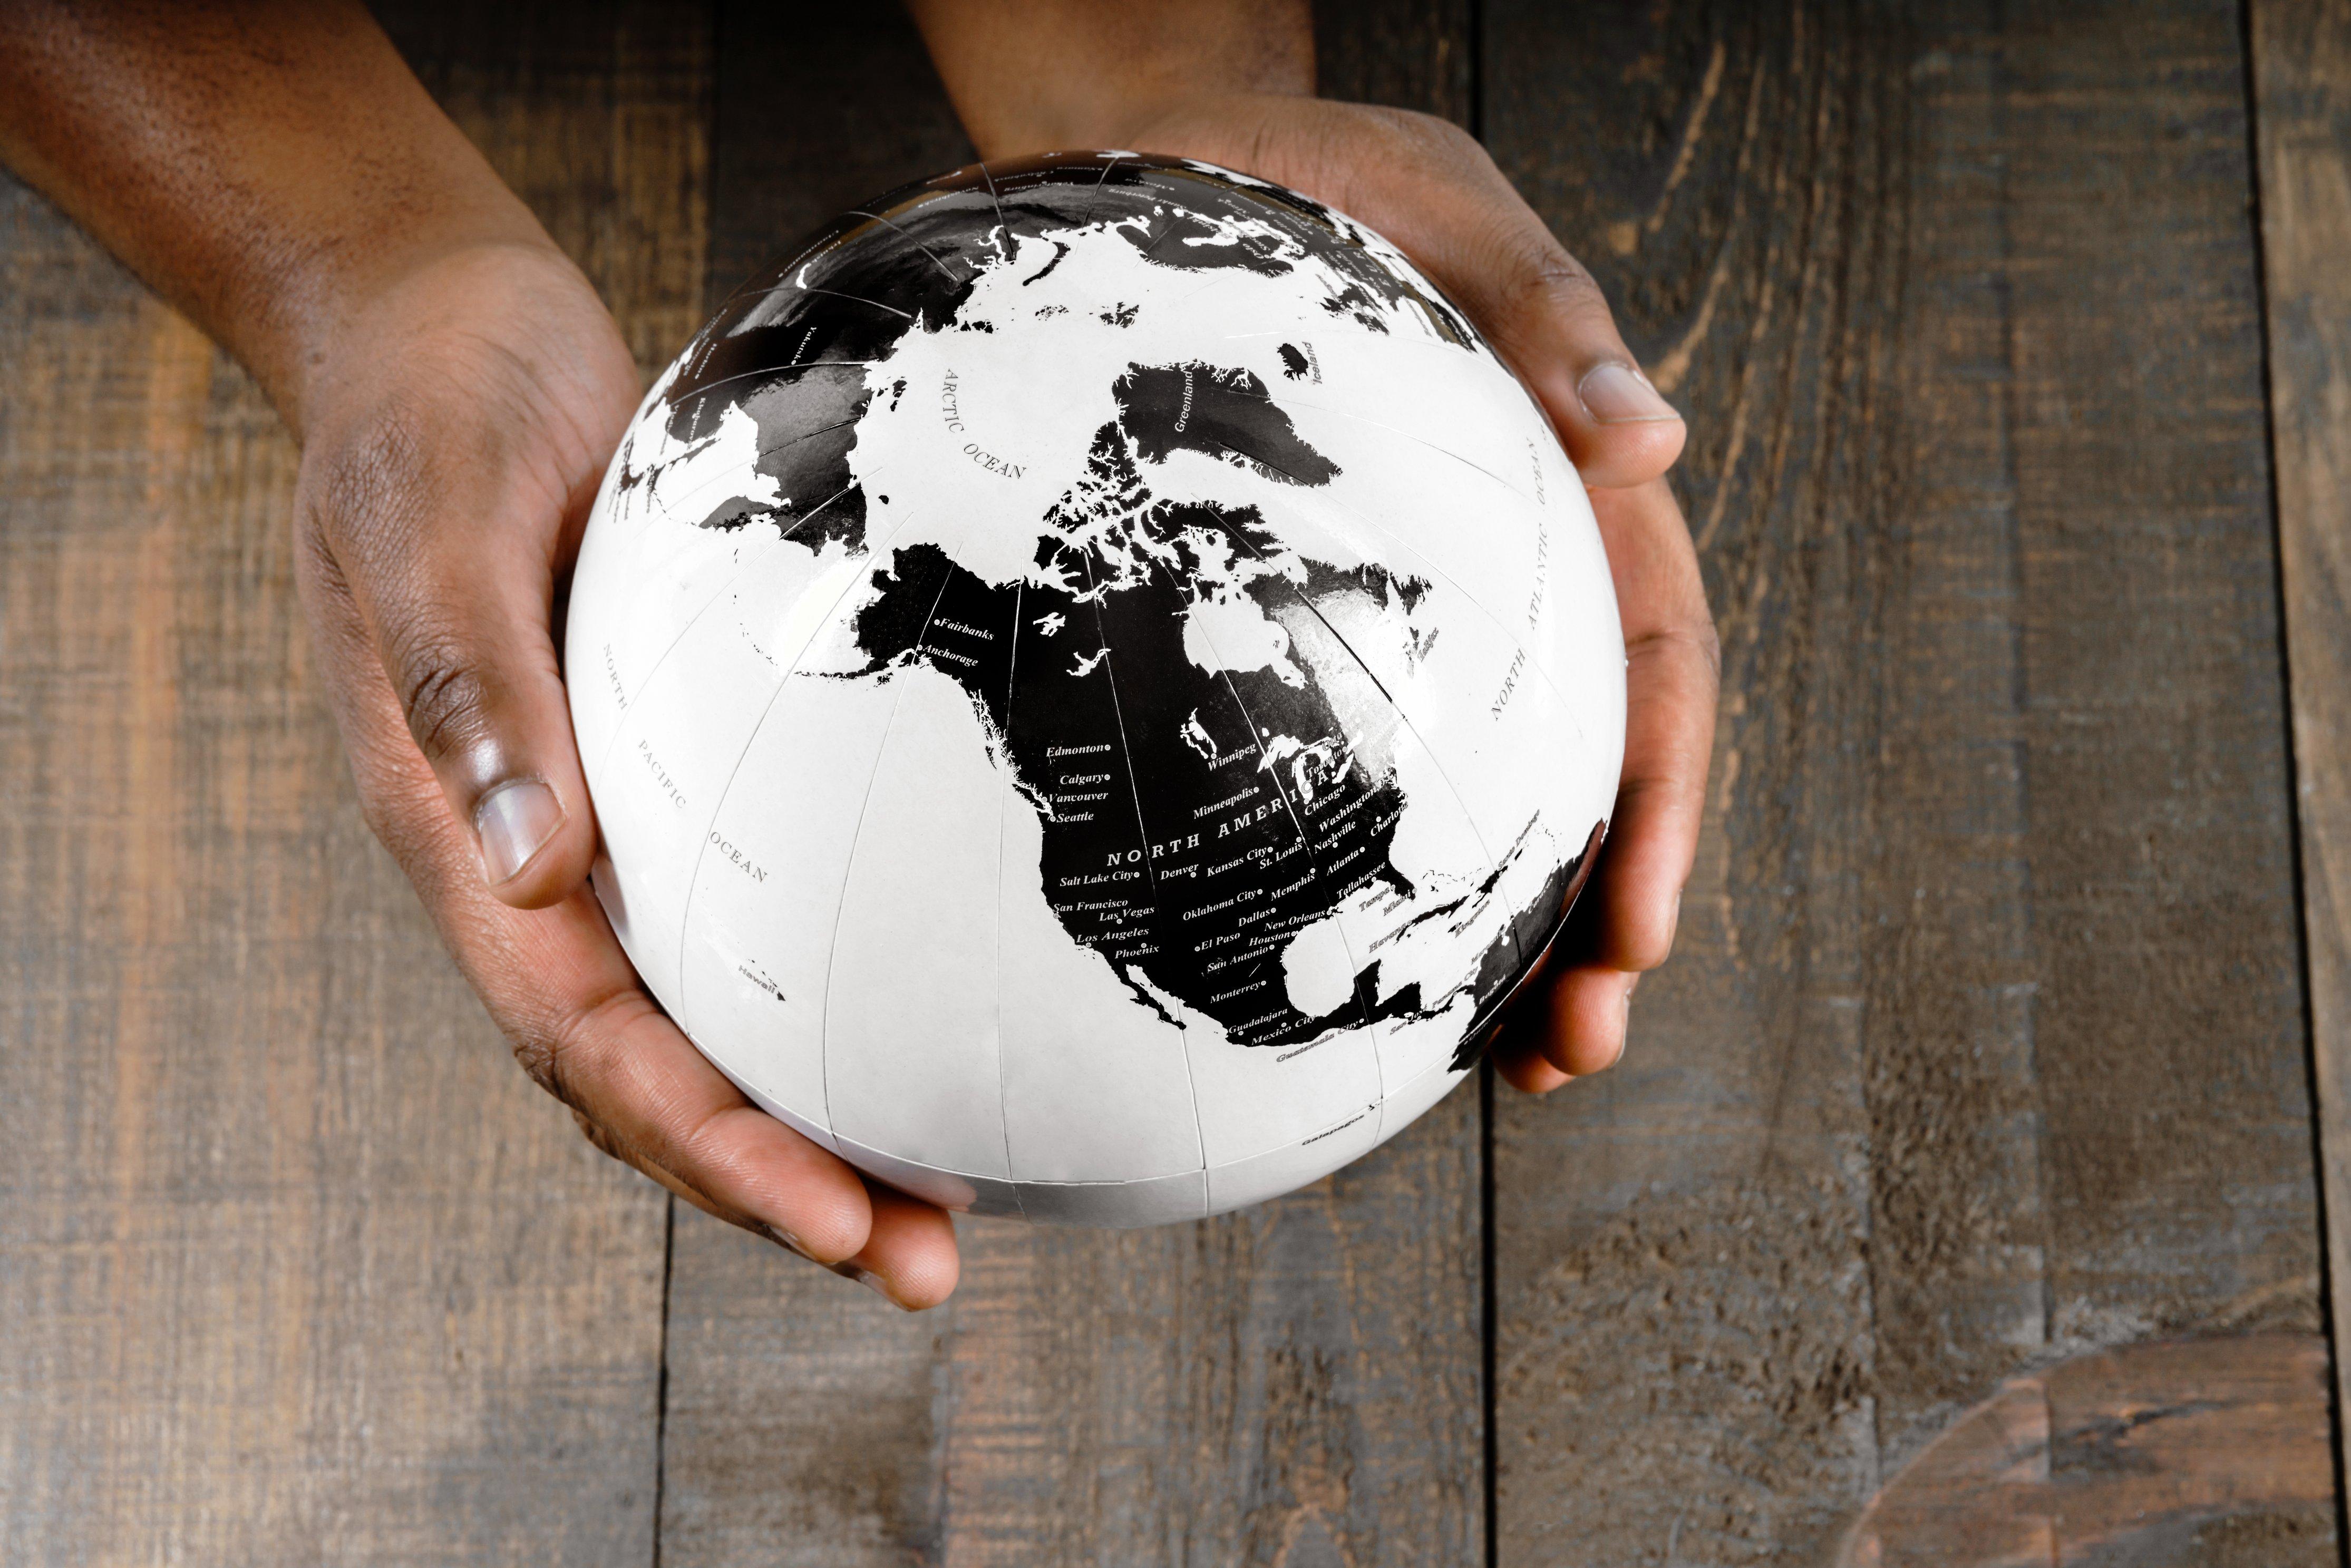 earth-in-hands_4460x4460-3.jpg